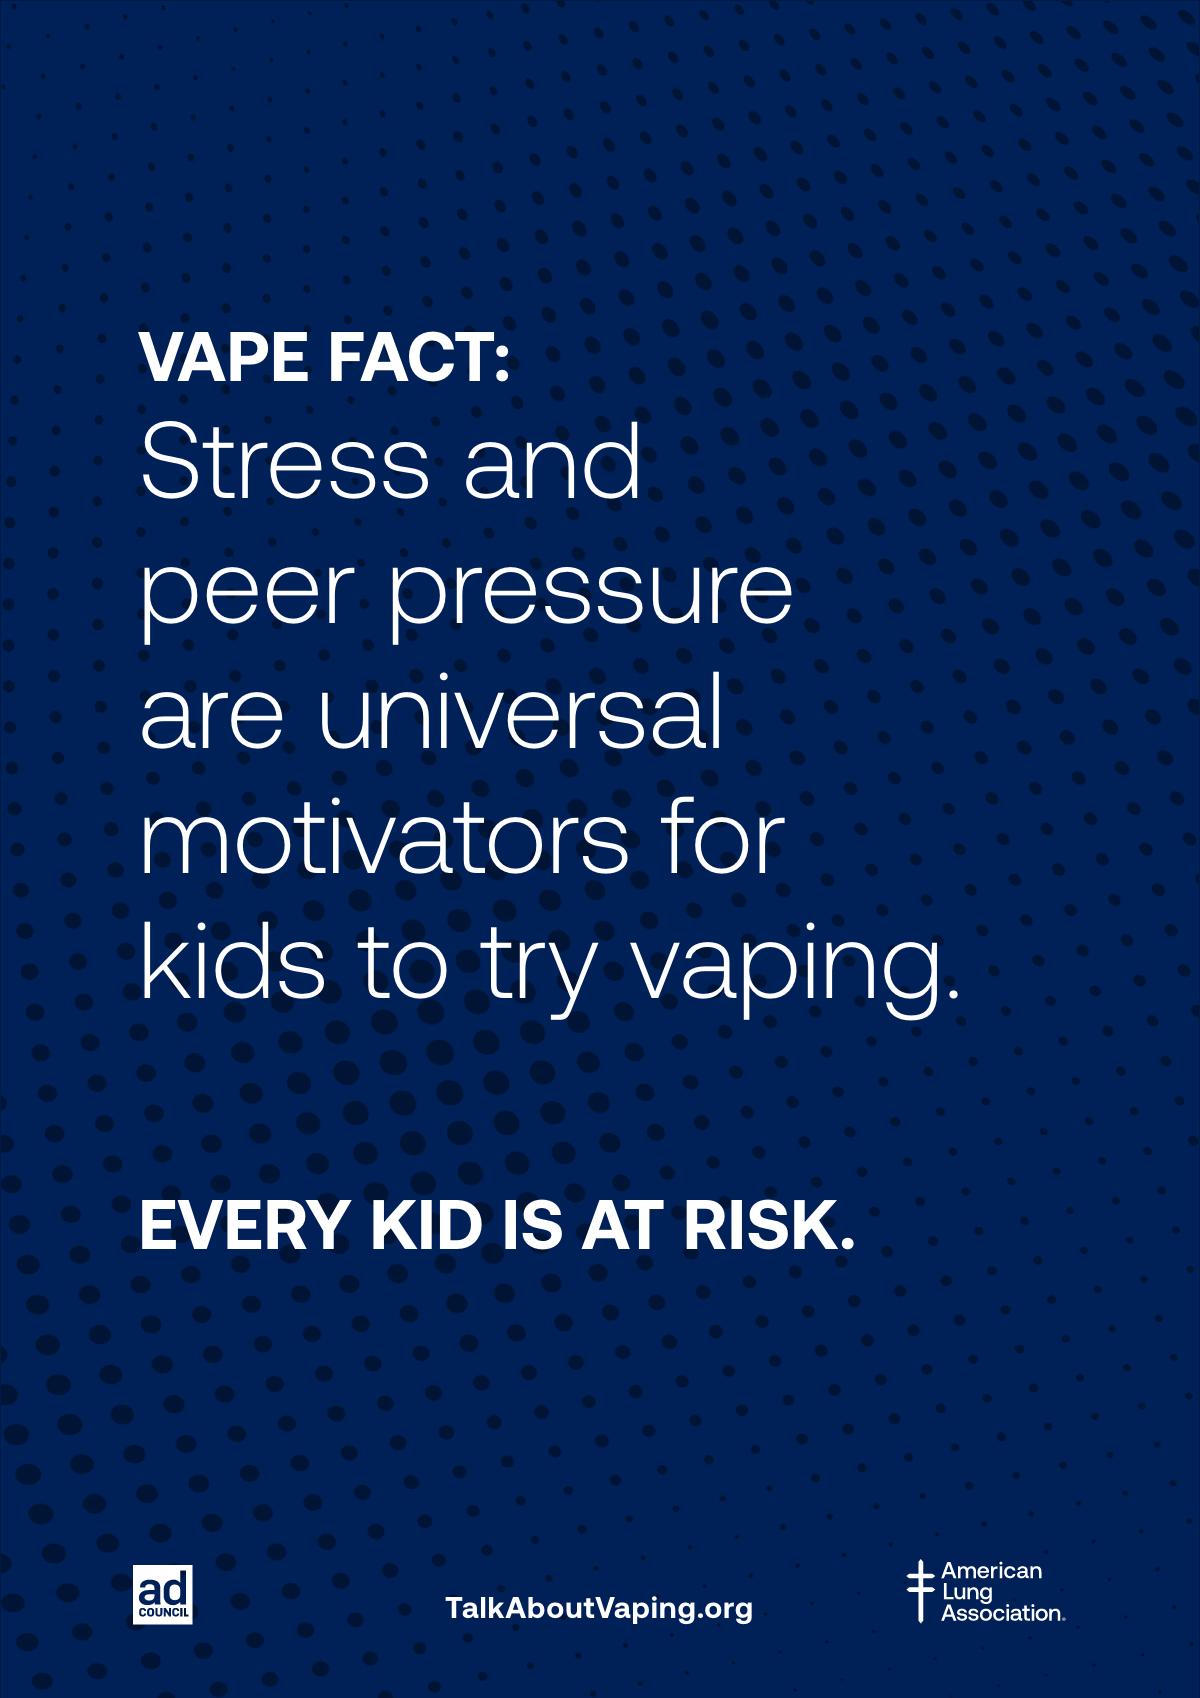 Vape Fact